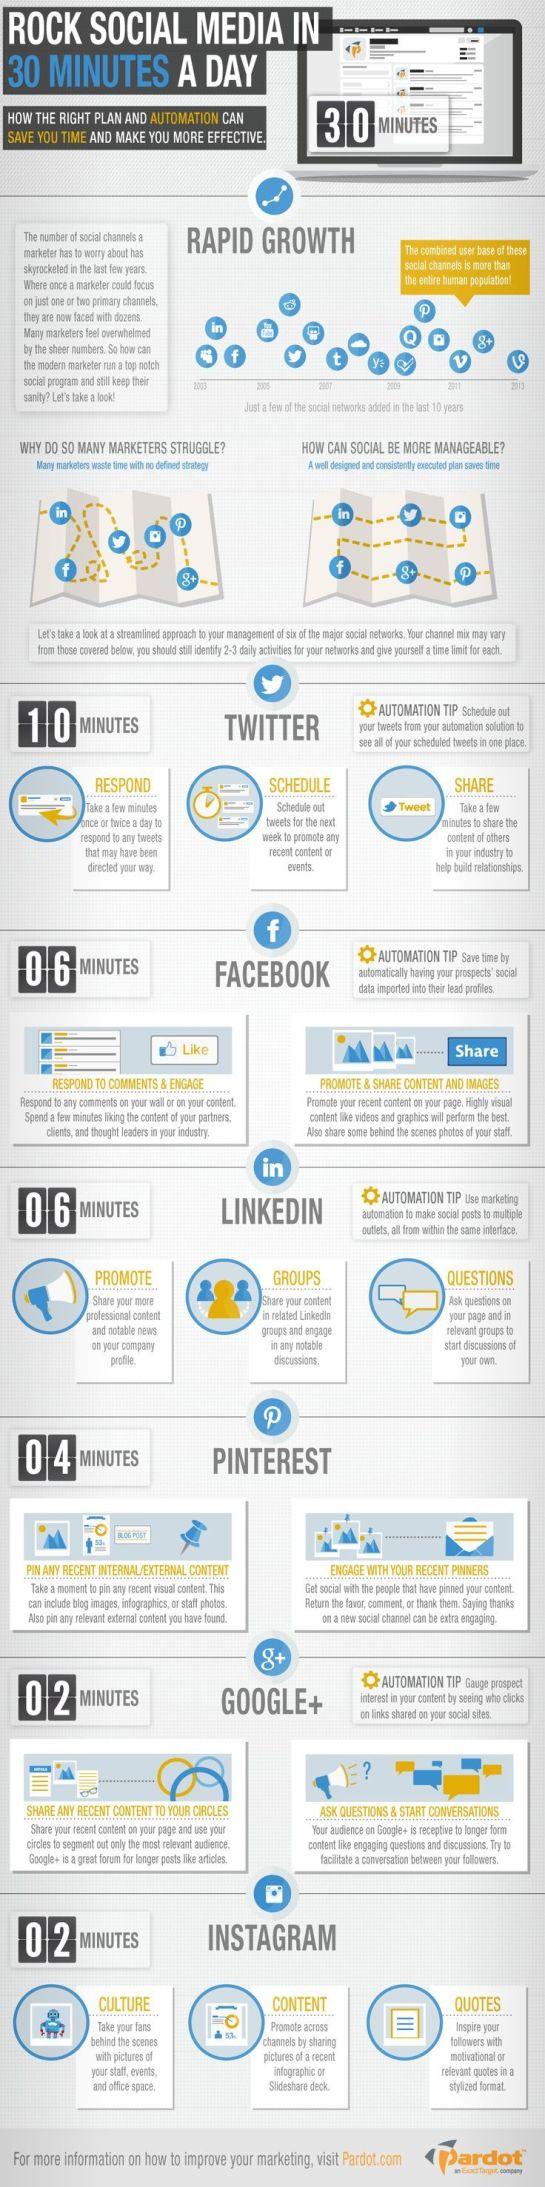 Infographie SMO : être présent sur les réseaux sociaux en 30 minutes ! Top chrono